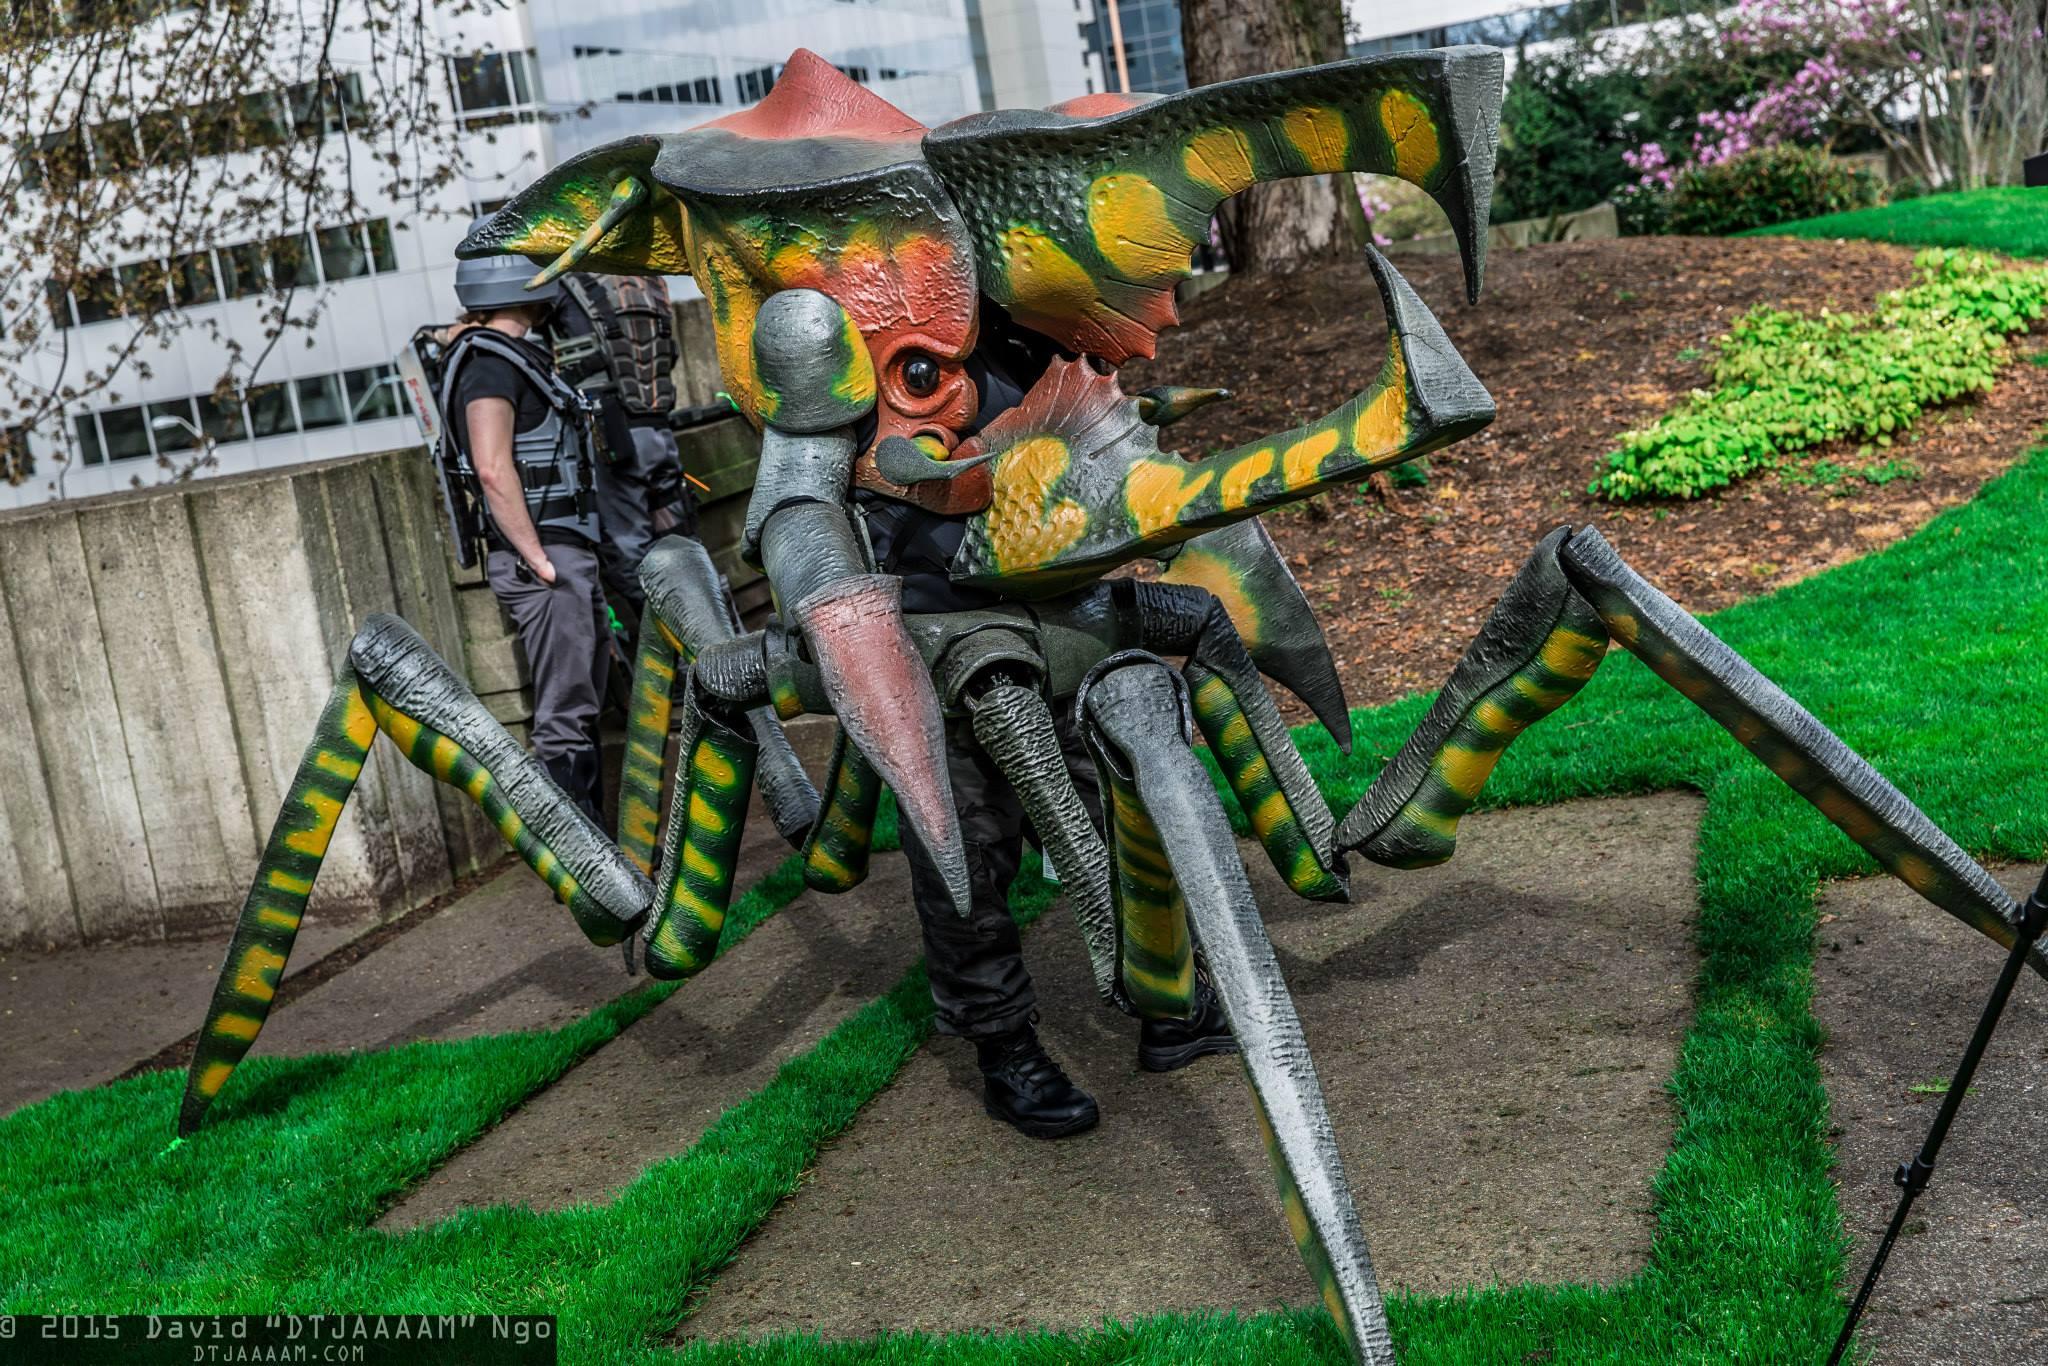 Starship Troopers Arachnid Worbla Thermoplastics